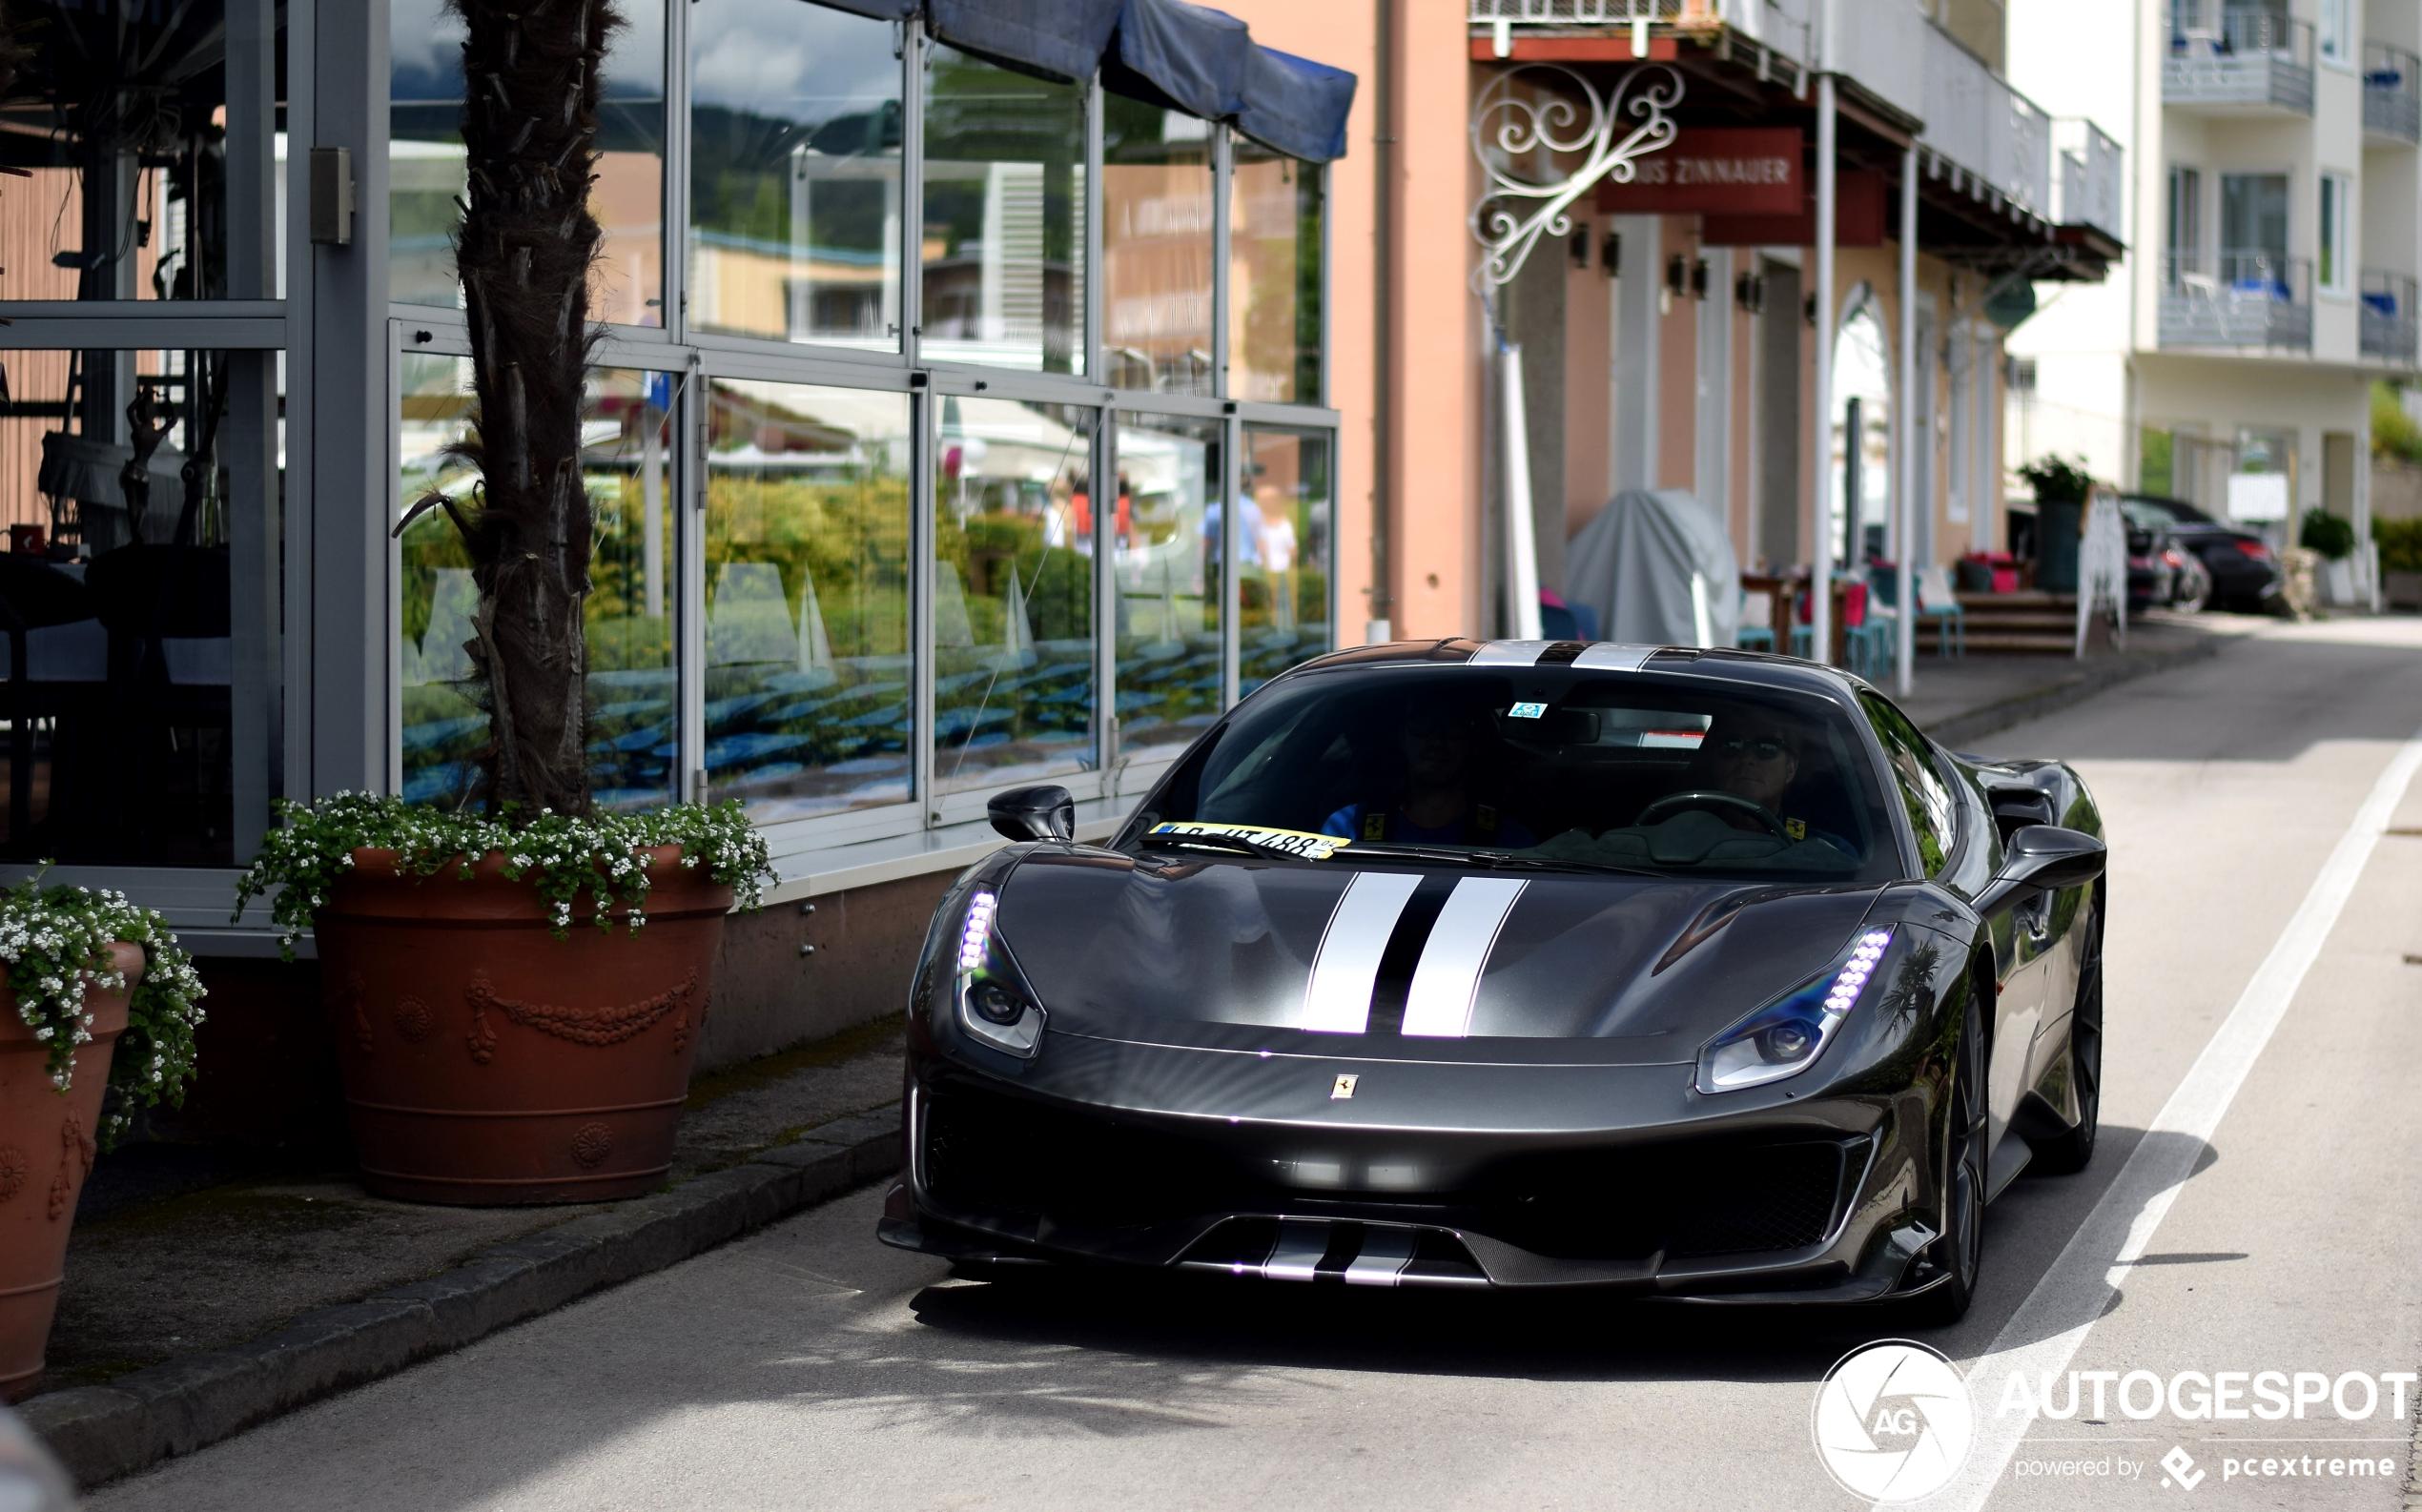 Weer een sloot aan Ferrari's 488 Pista gespot